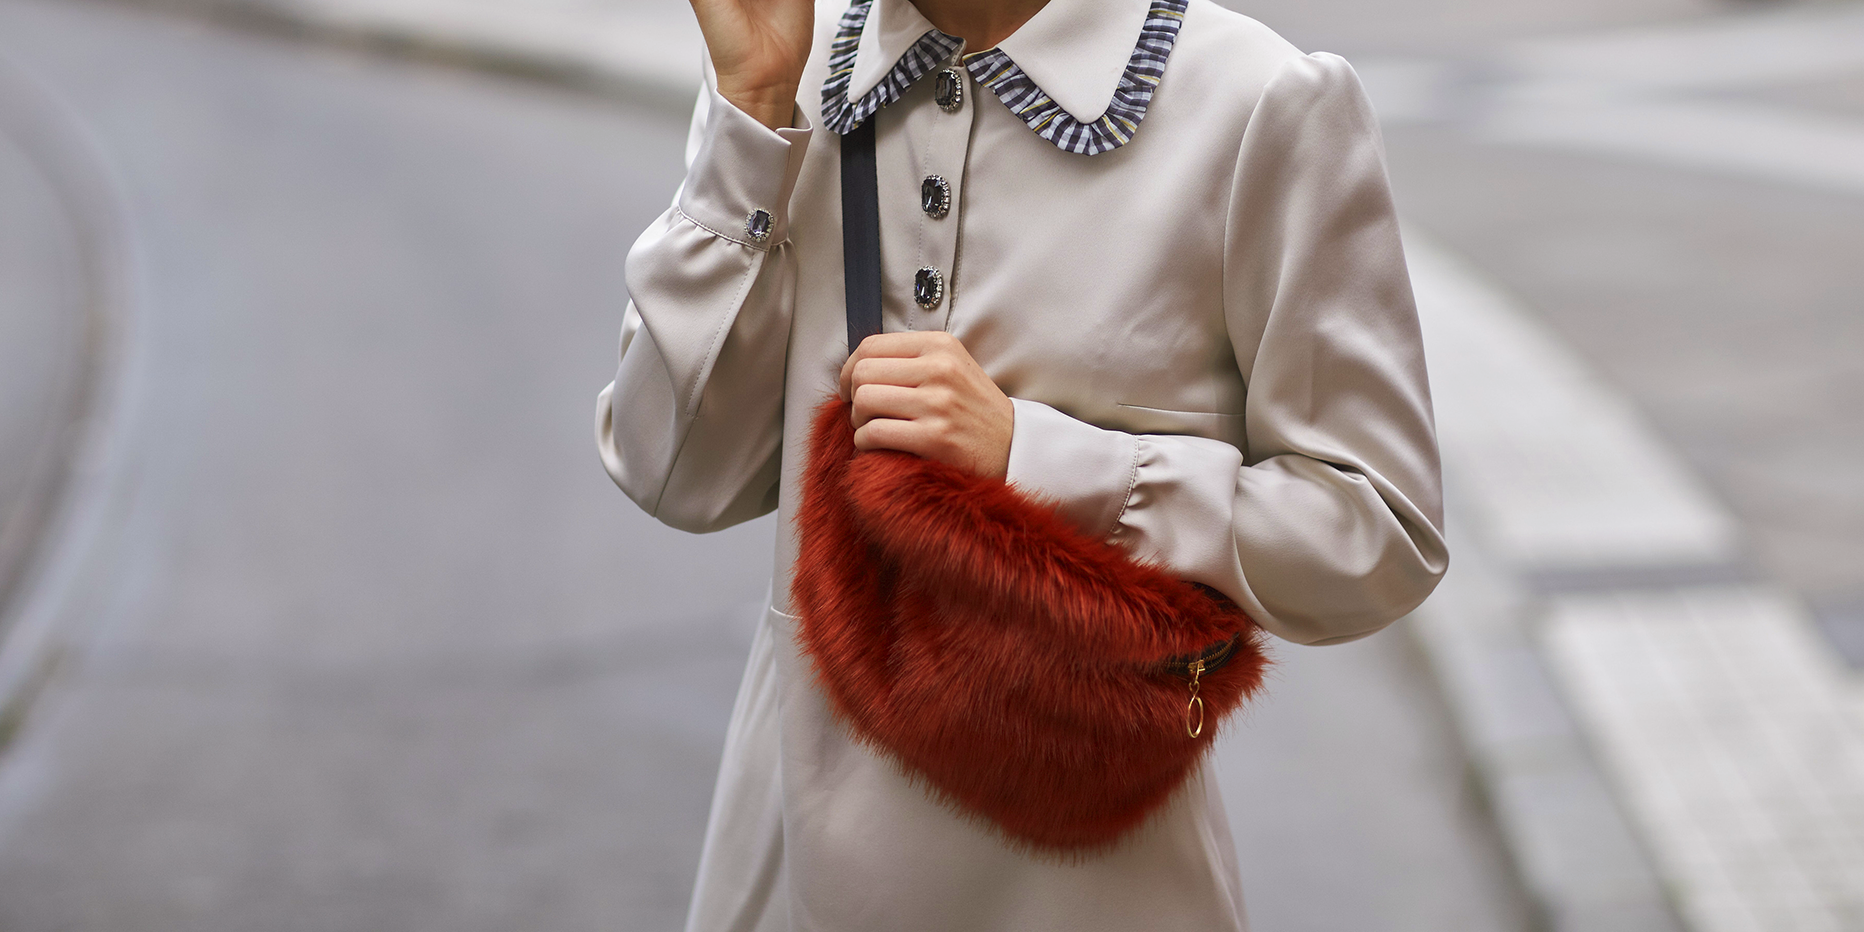 tendenza moda 2019